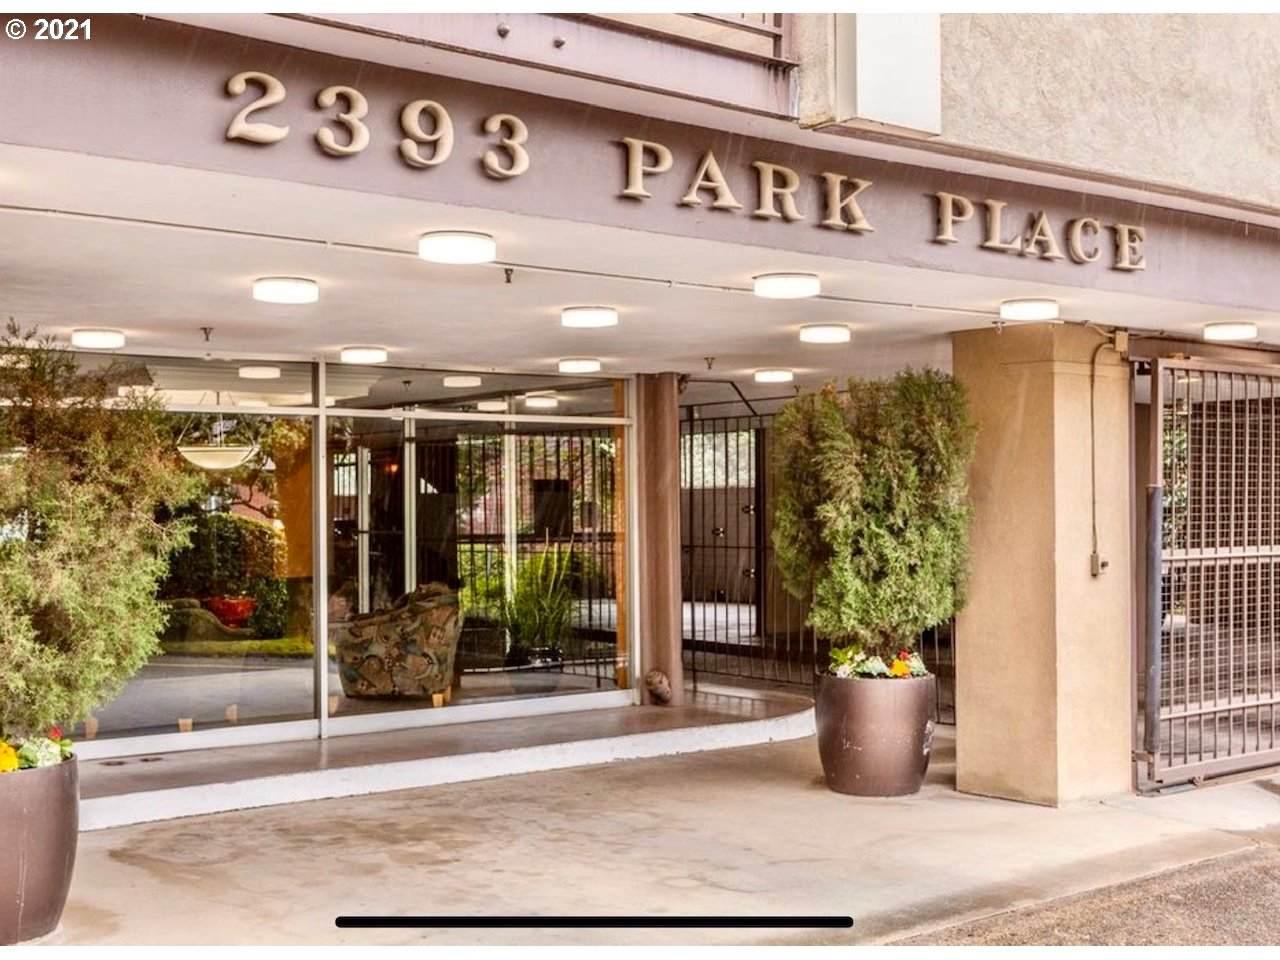 2393 Park Pl - Photo 1